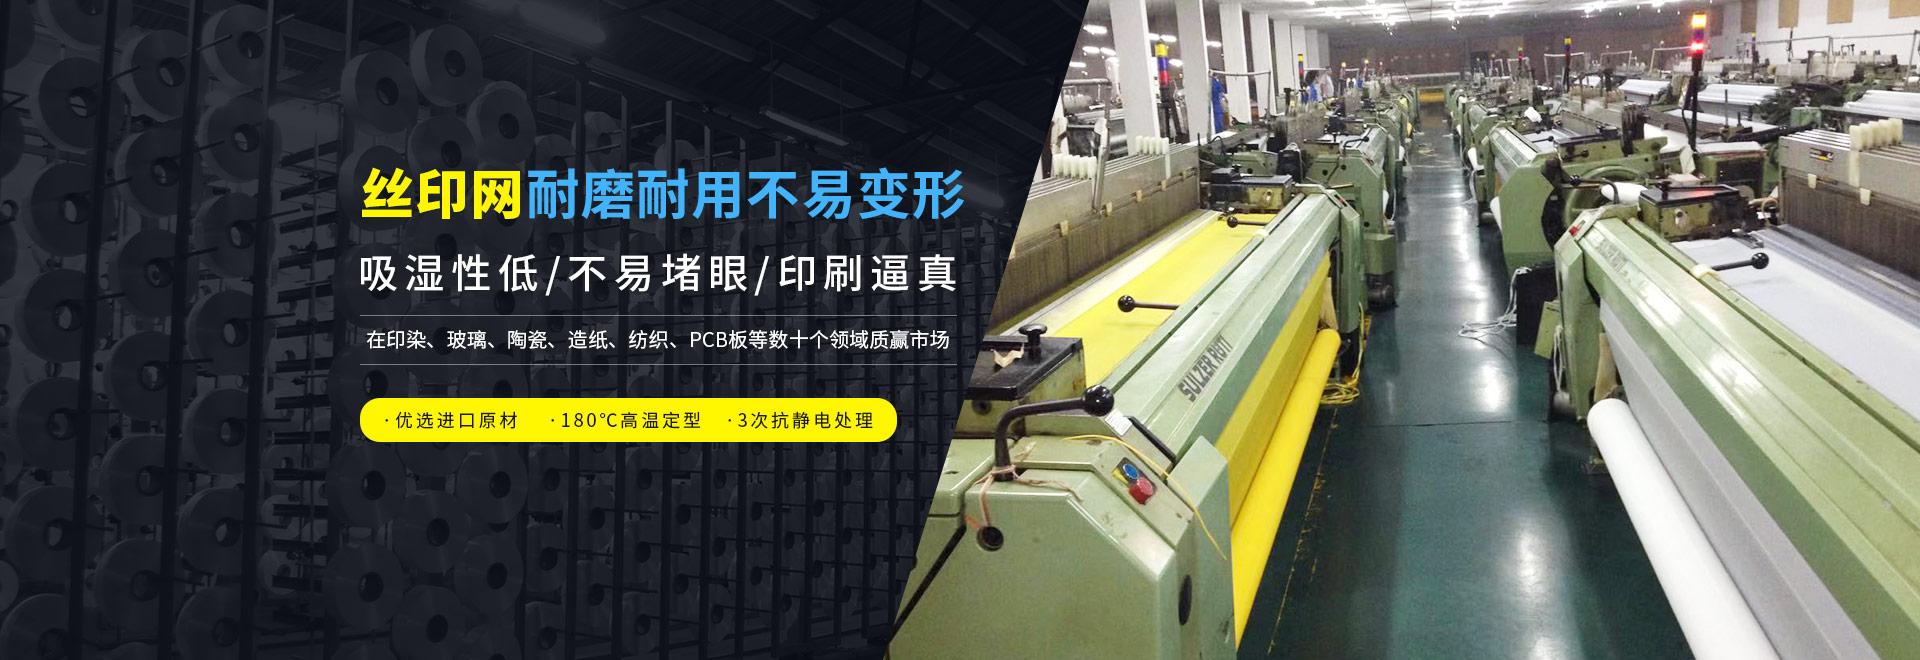 丝印网耐磨耐用/不易变形/吸湿性低/不易堵眼/印刷逼真 在印染、玻璃、陶瓷、造纸、纺织、PCB板等数十个领域质赢市场